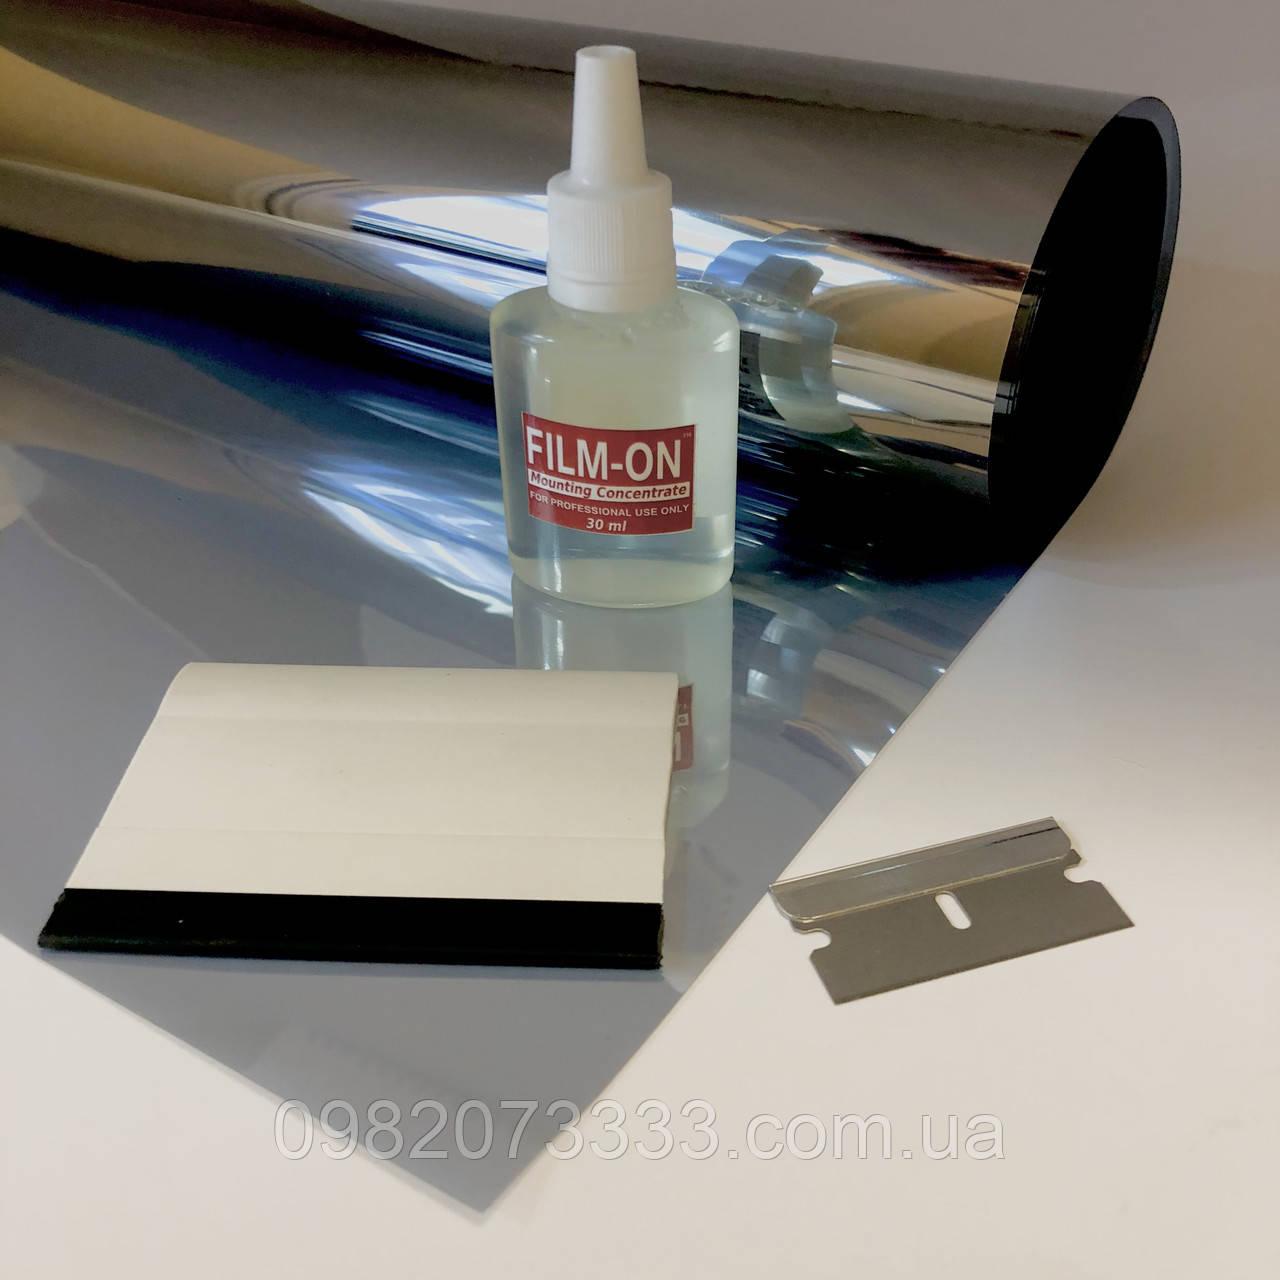 Сонцезахисна плівка Armolan Silver 15% (150х80см-2шт) + інструмент для тонування вікон. Ціна за комплект.